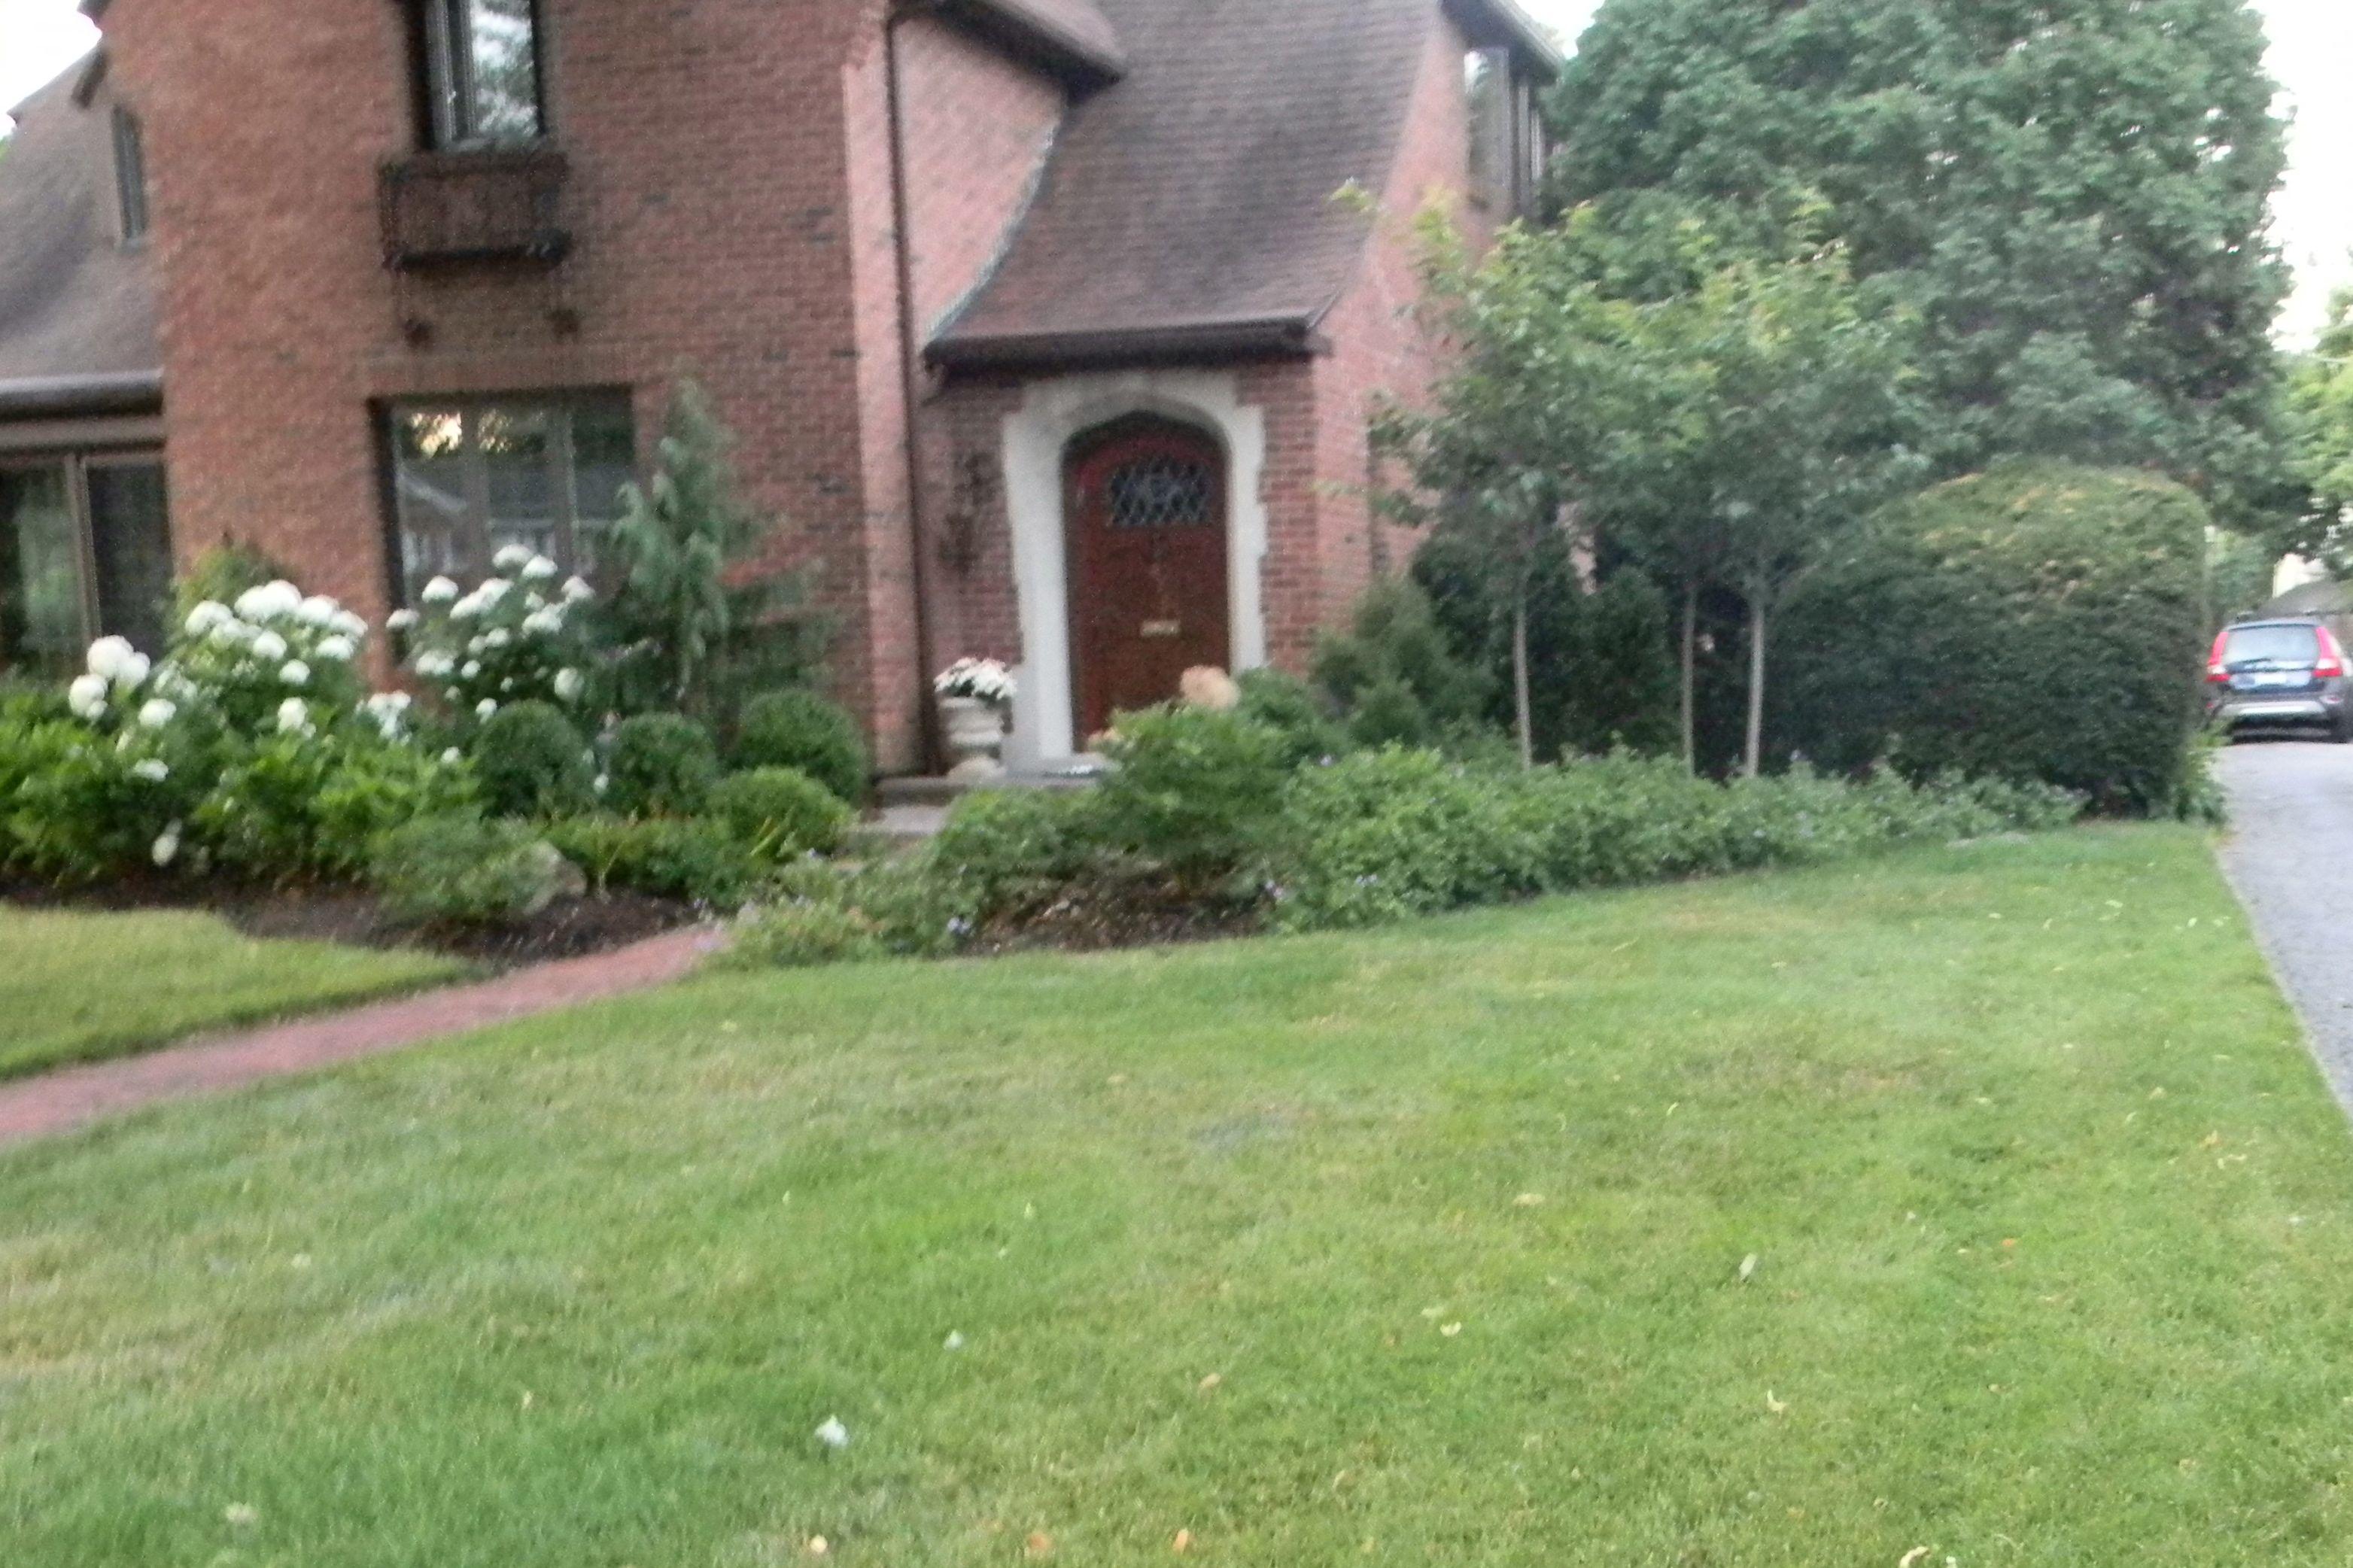 View toward front door garden landscape ideas pinterest for Front door garden ideas